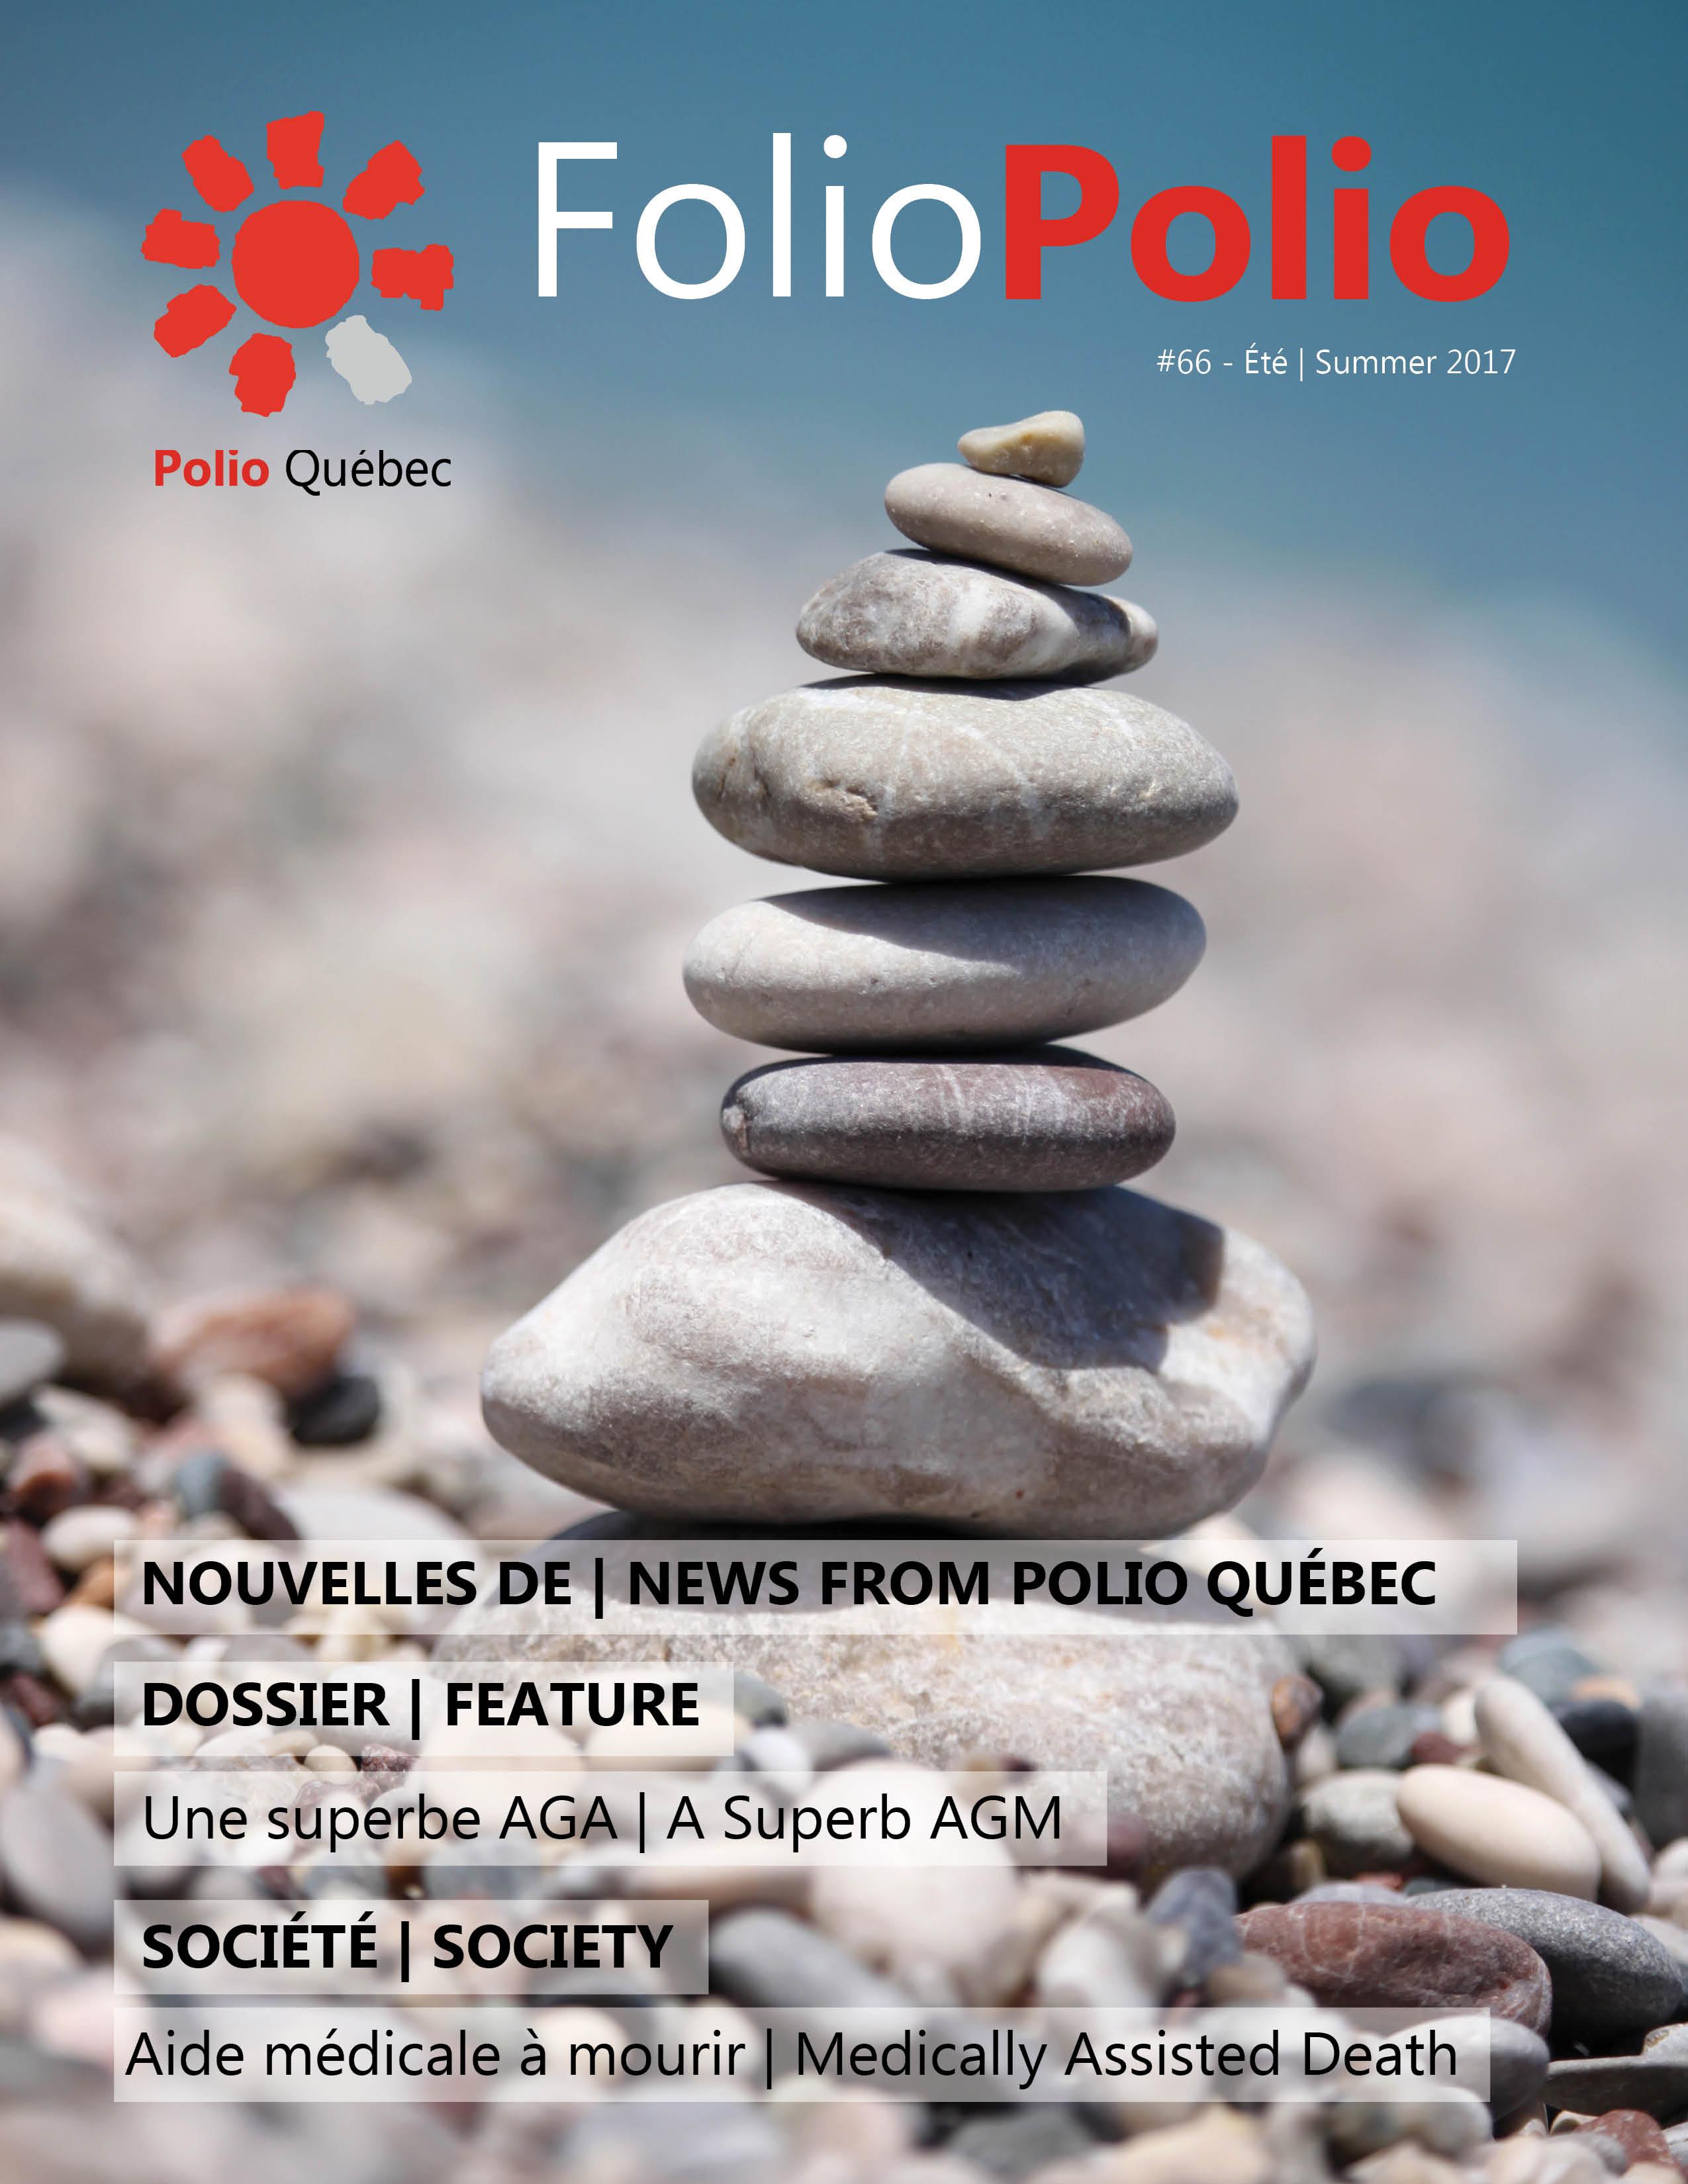 FolioPolio_Été 2017_couverture